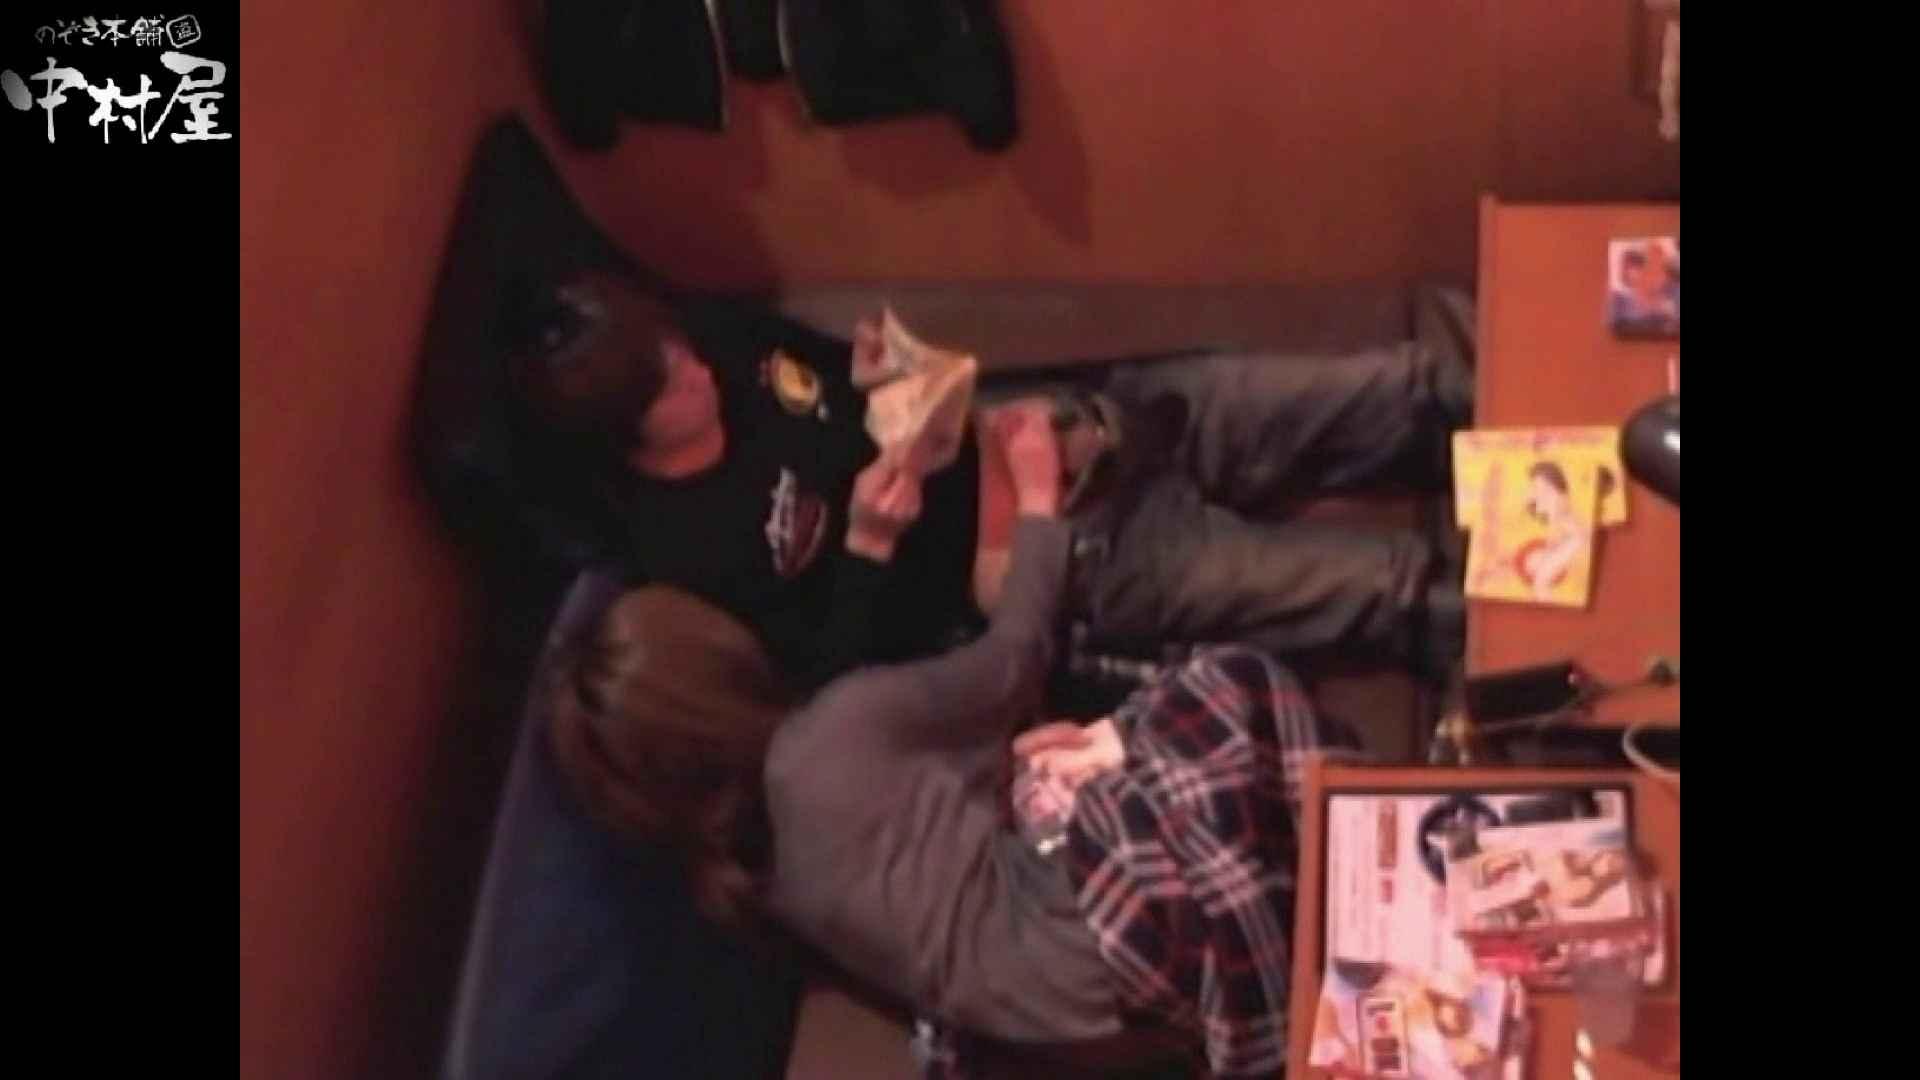 ネットカフェ盗撮師トロントさんの 素人カップル盗撮記vol.2 おっぱい  70枚 22